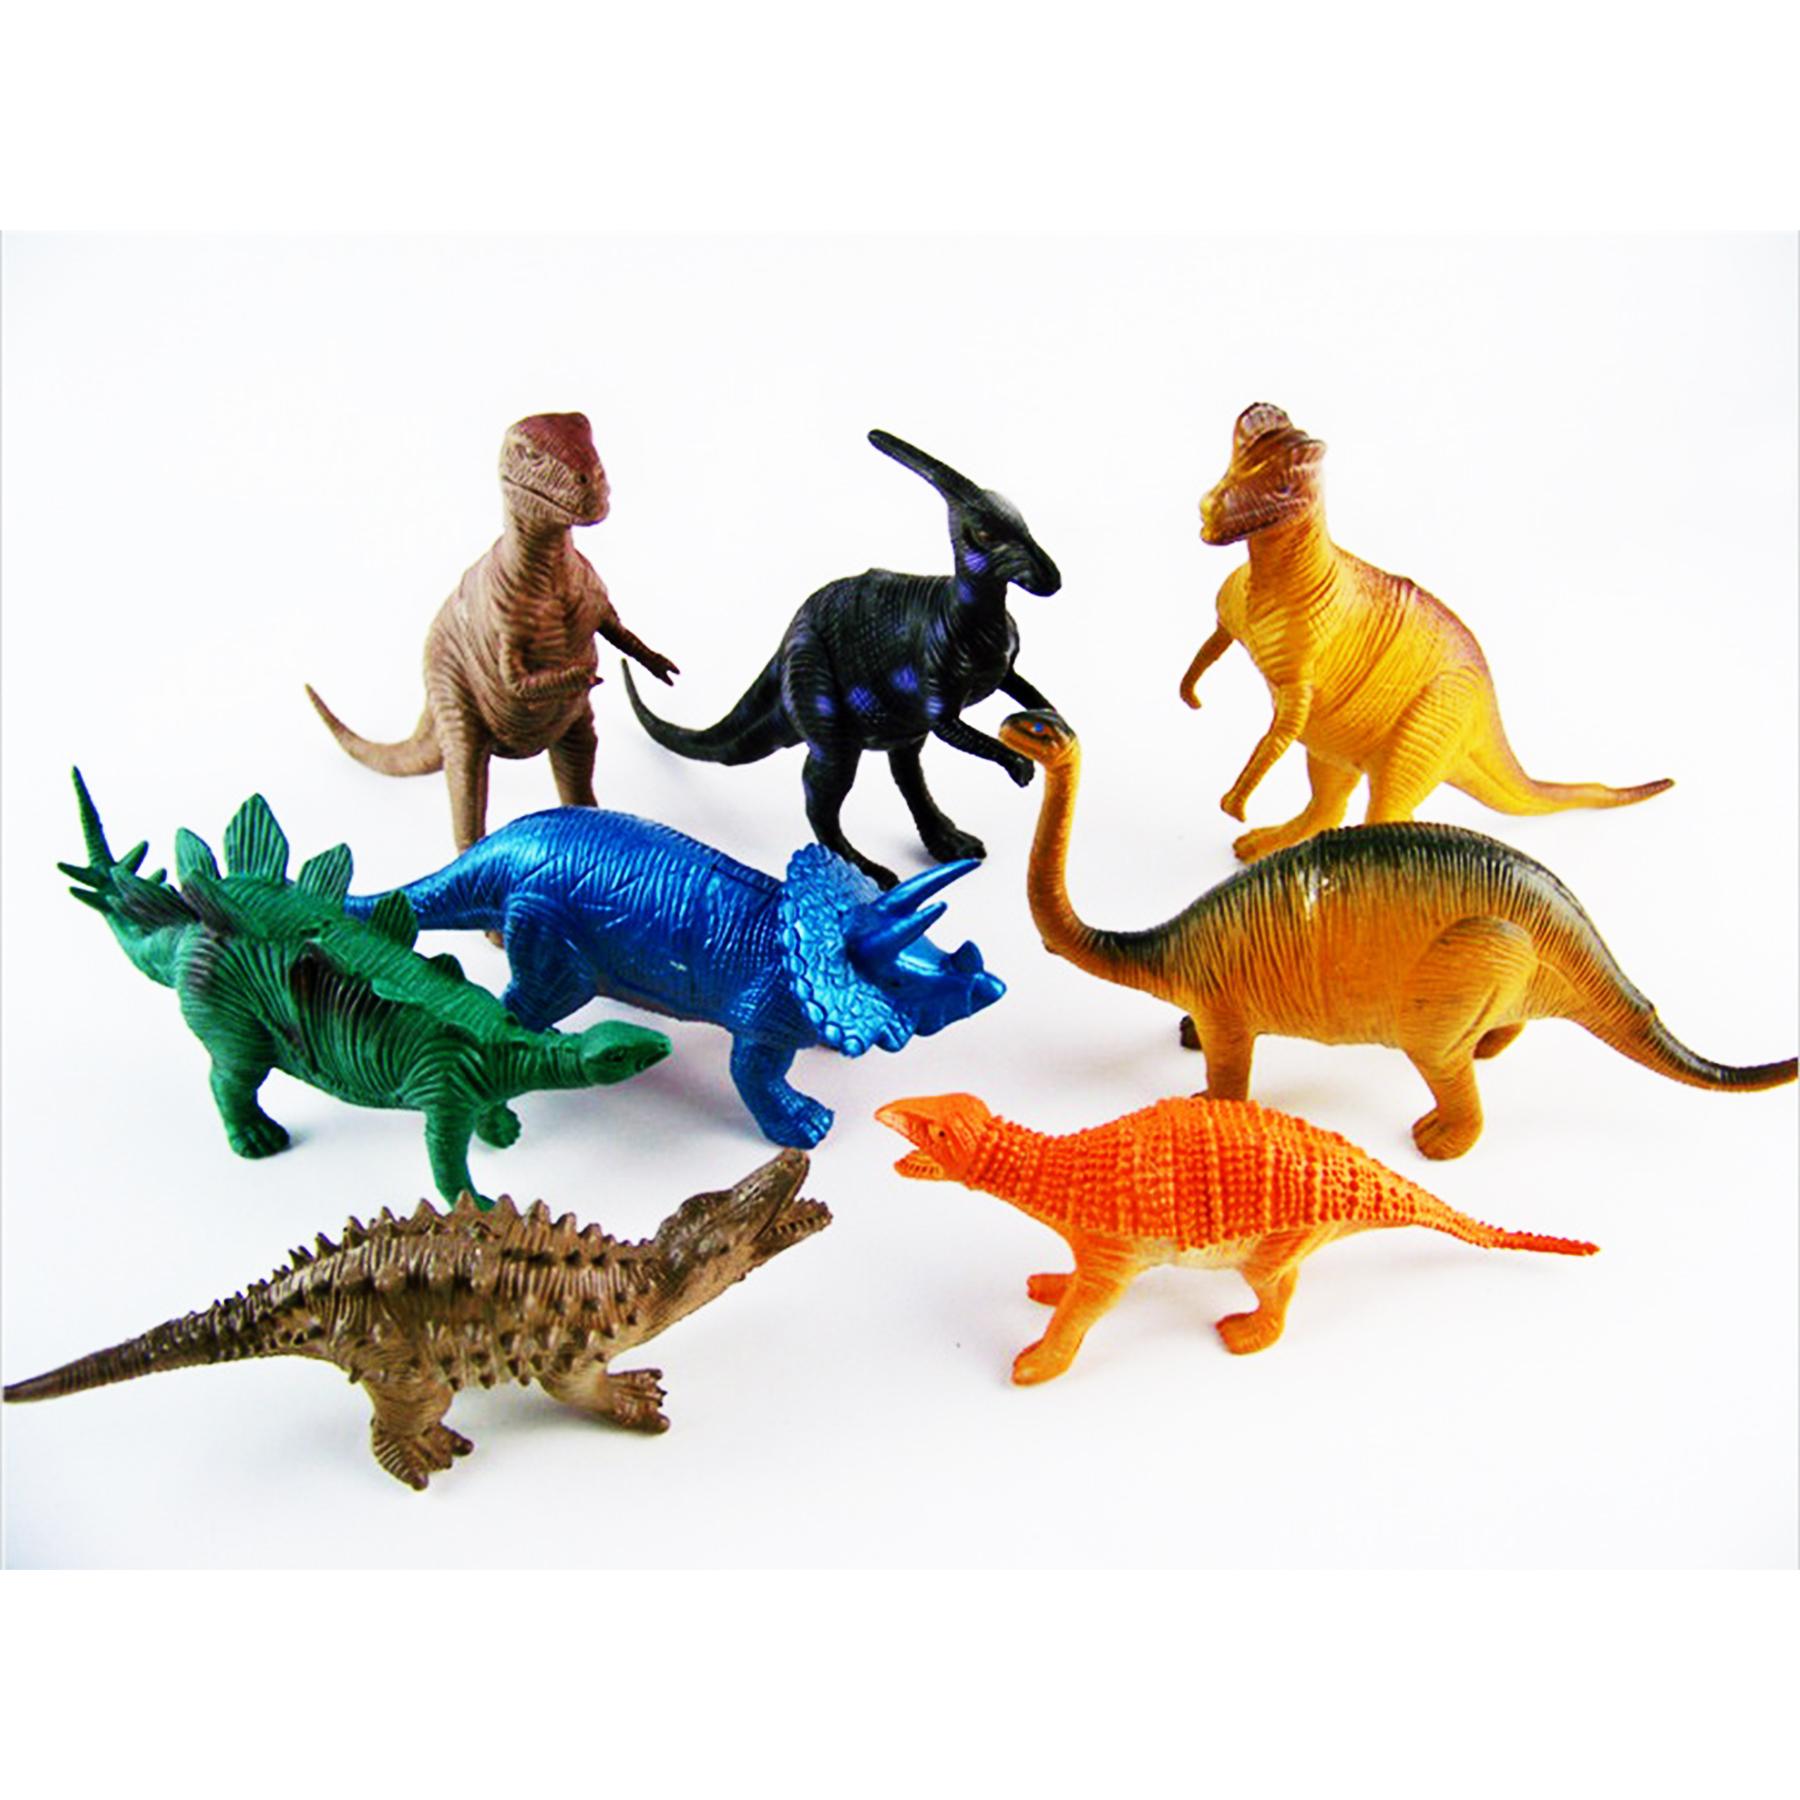 Динозавр пластмассовый без механизма по 3шт А807-H42516 (379200)